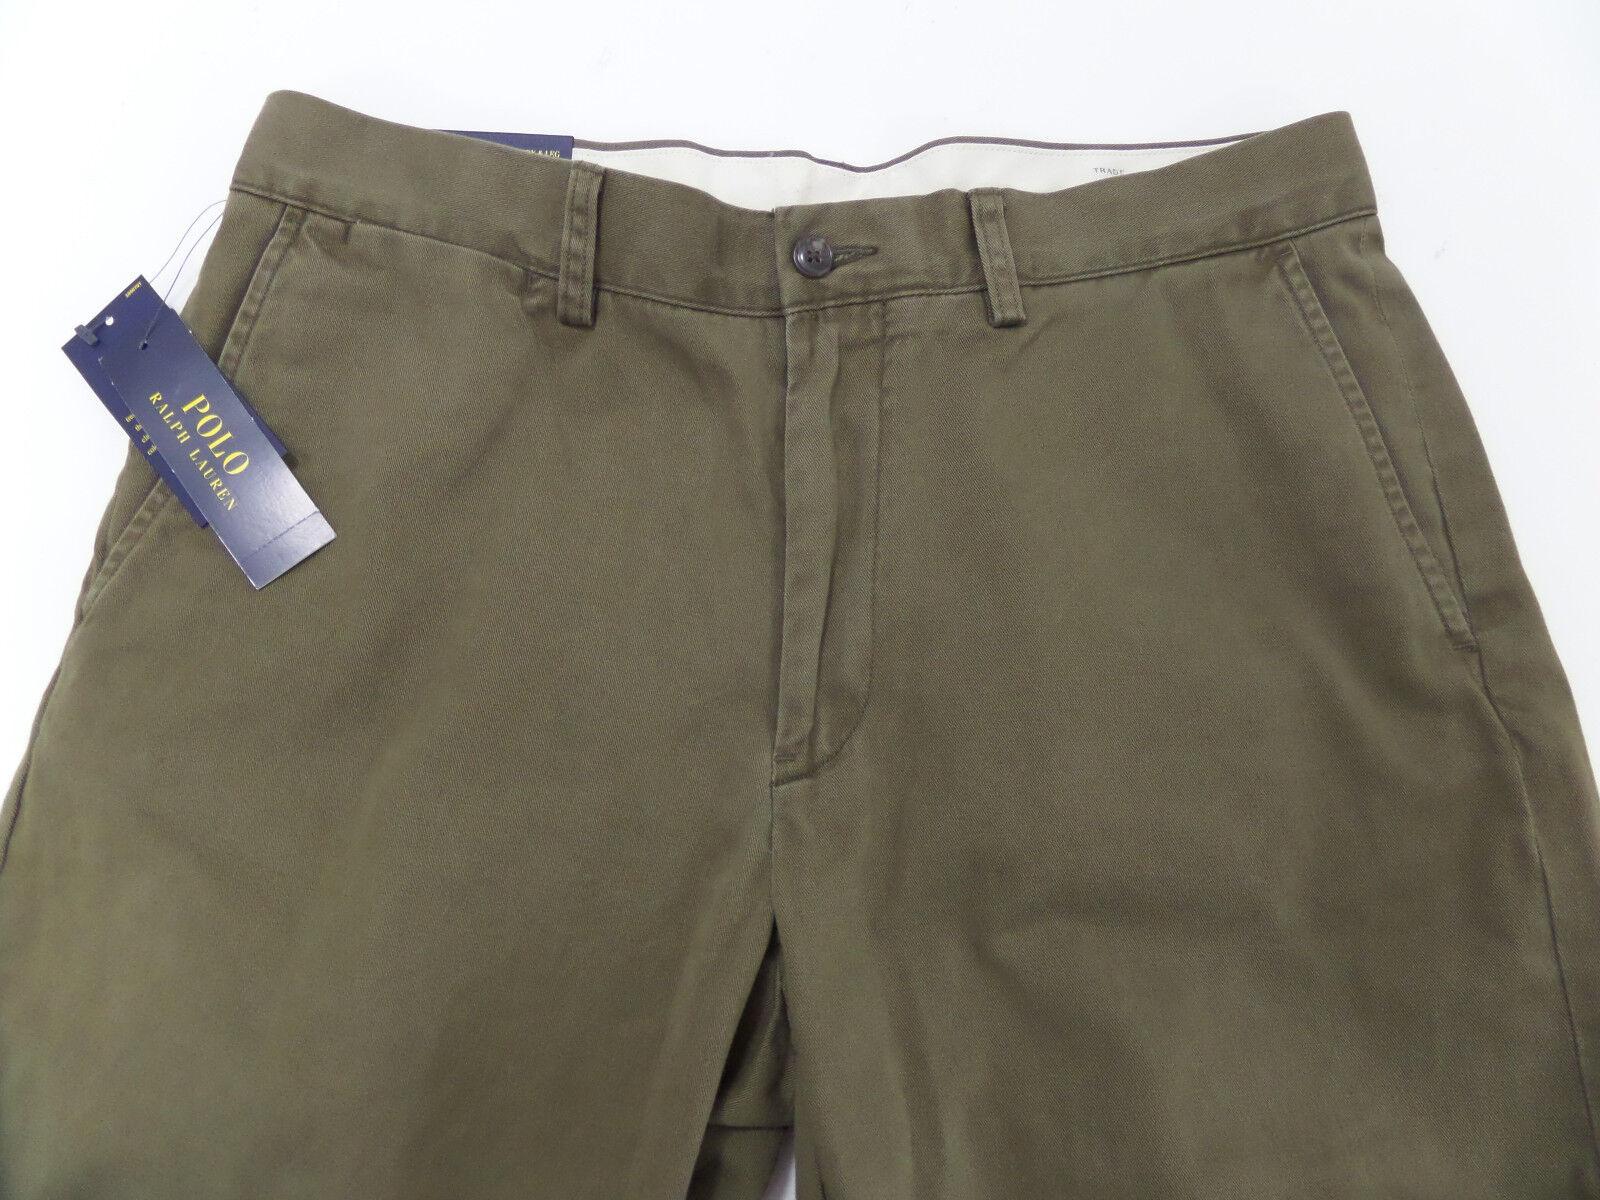 Polo Ralph Lauren  NEW Men's Size 33X32 Classic Fit 100% Cotton Pants